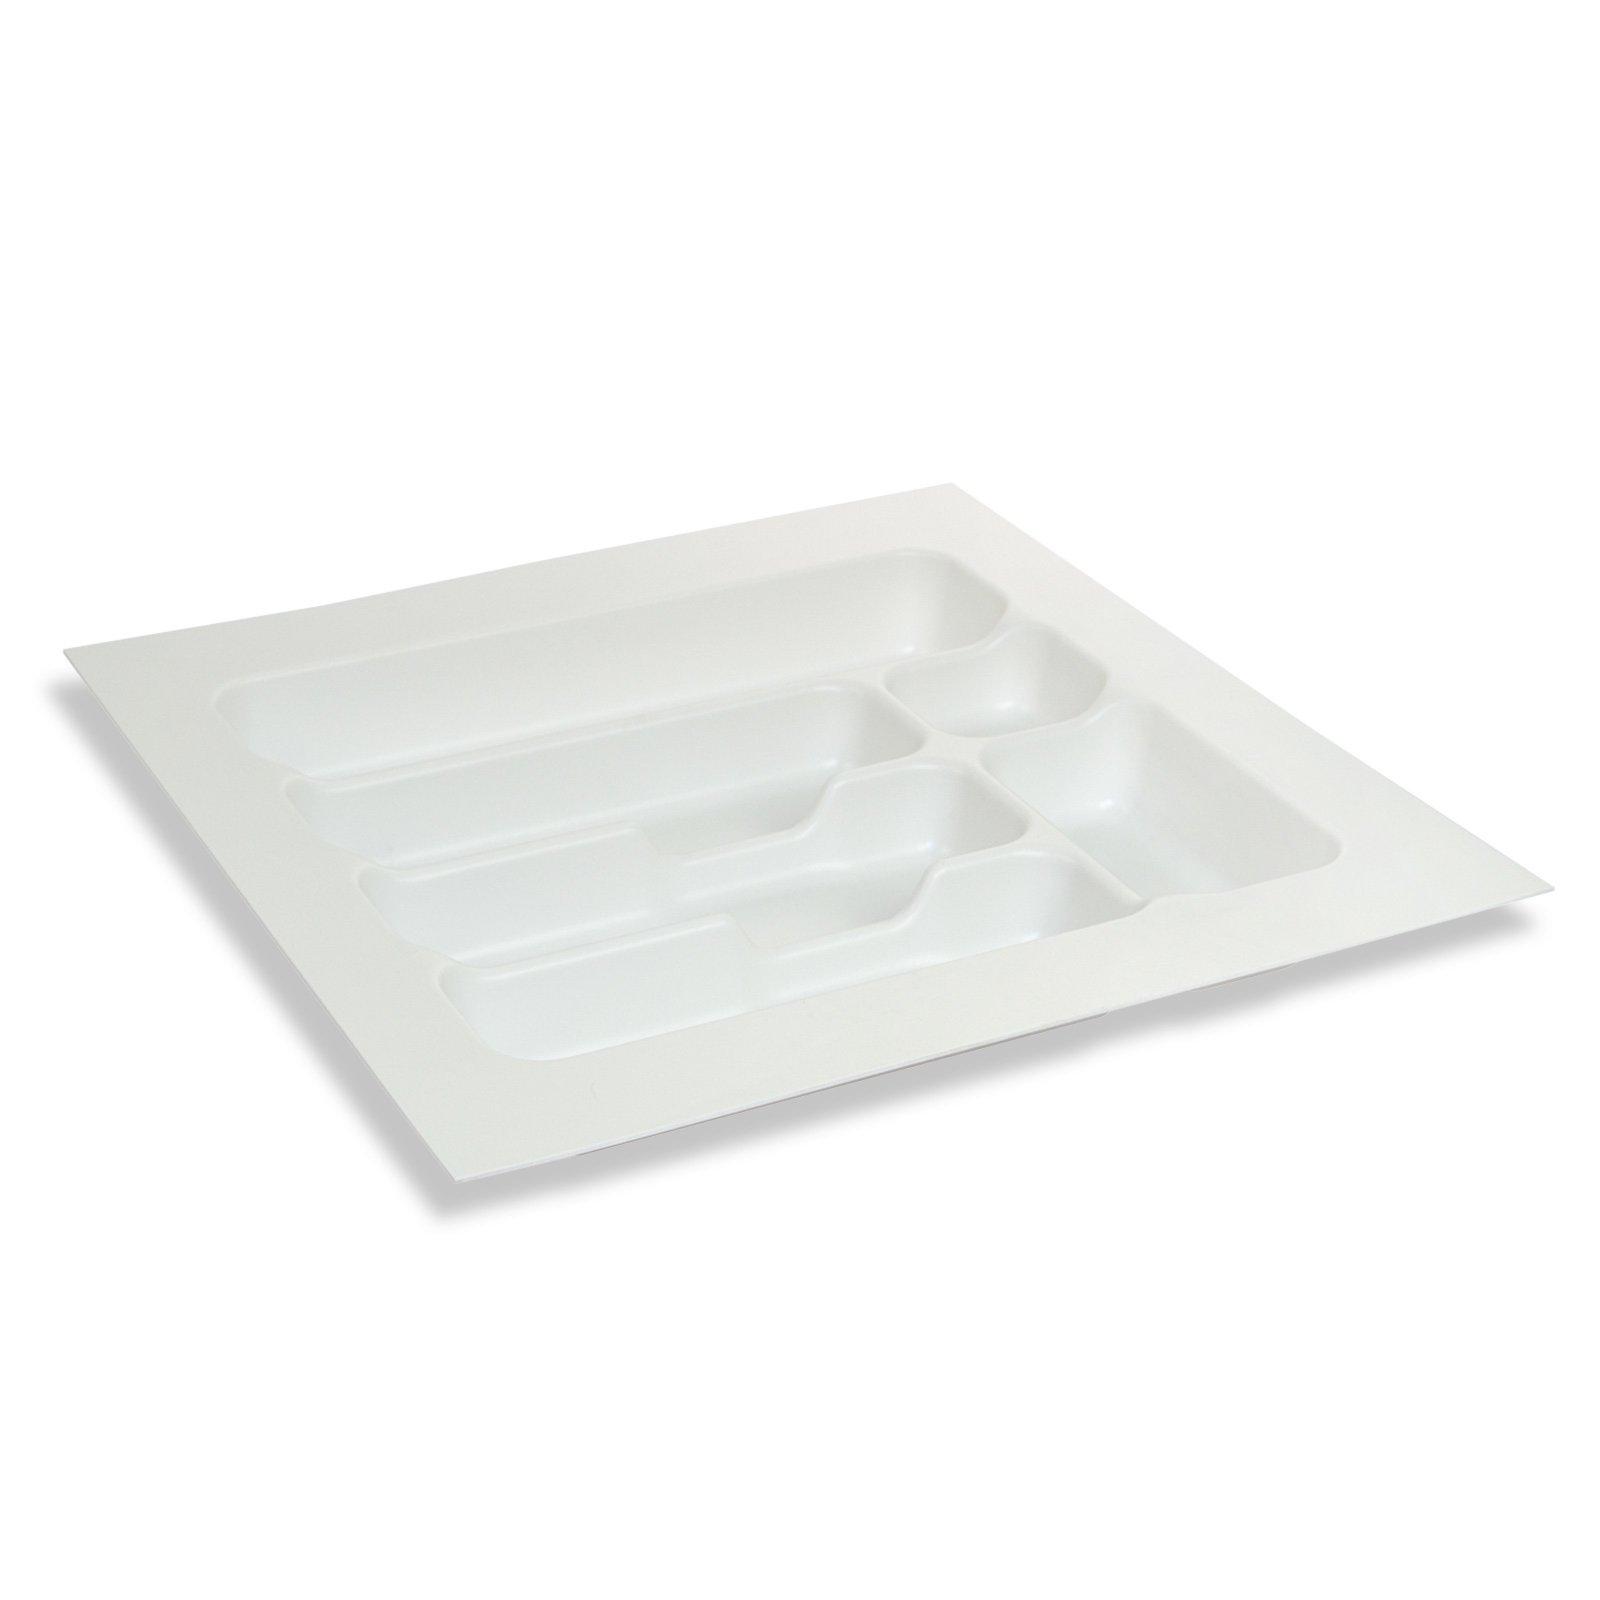 Besteckeinsatz - weiß - Kunststoff - 6 Fächer